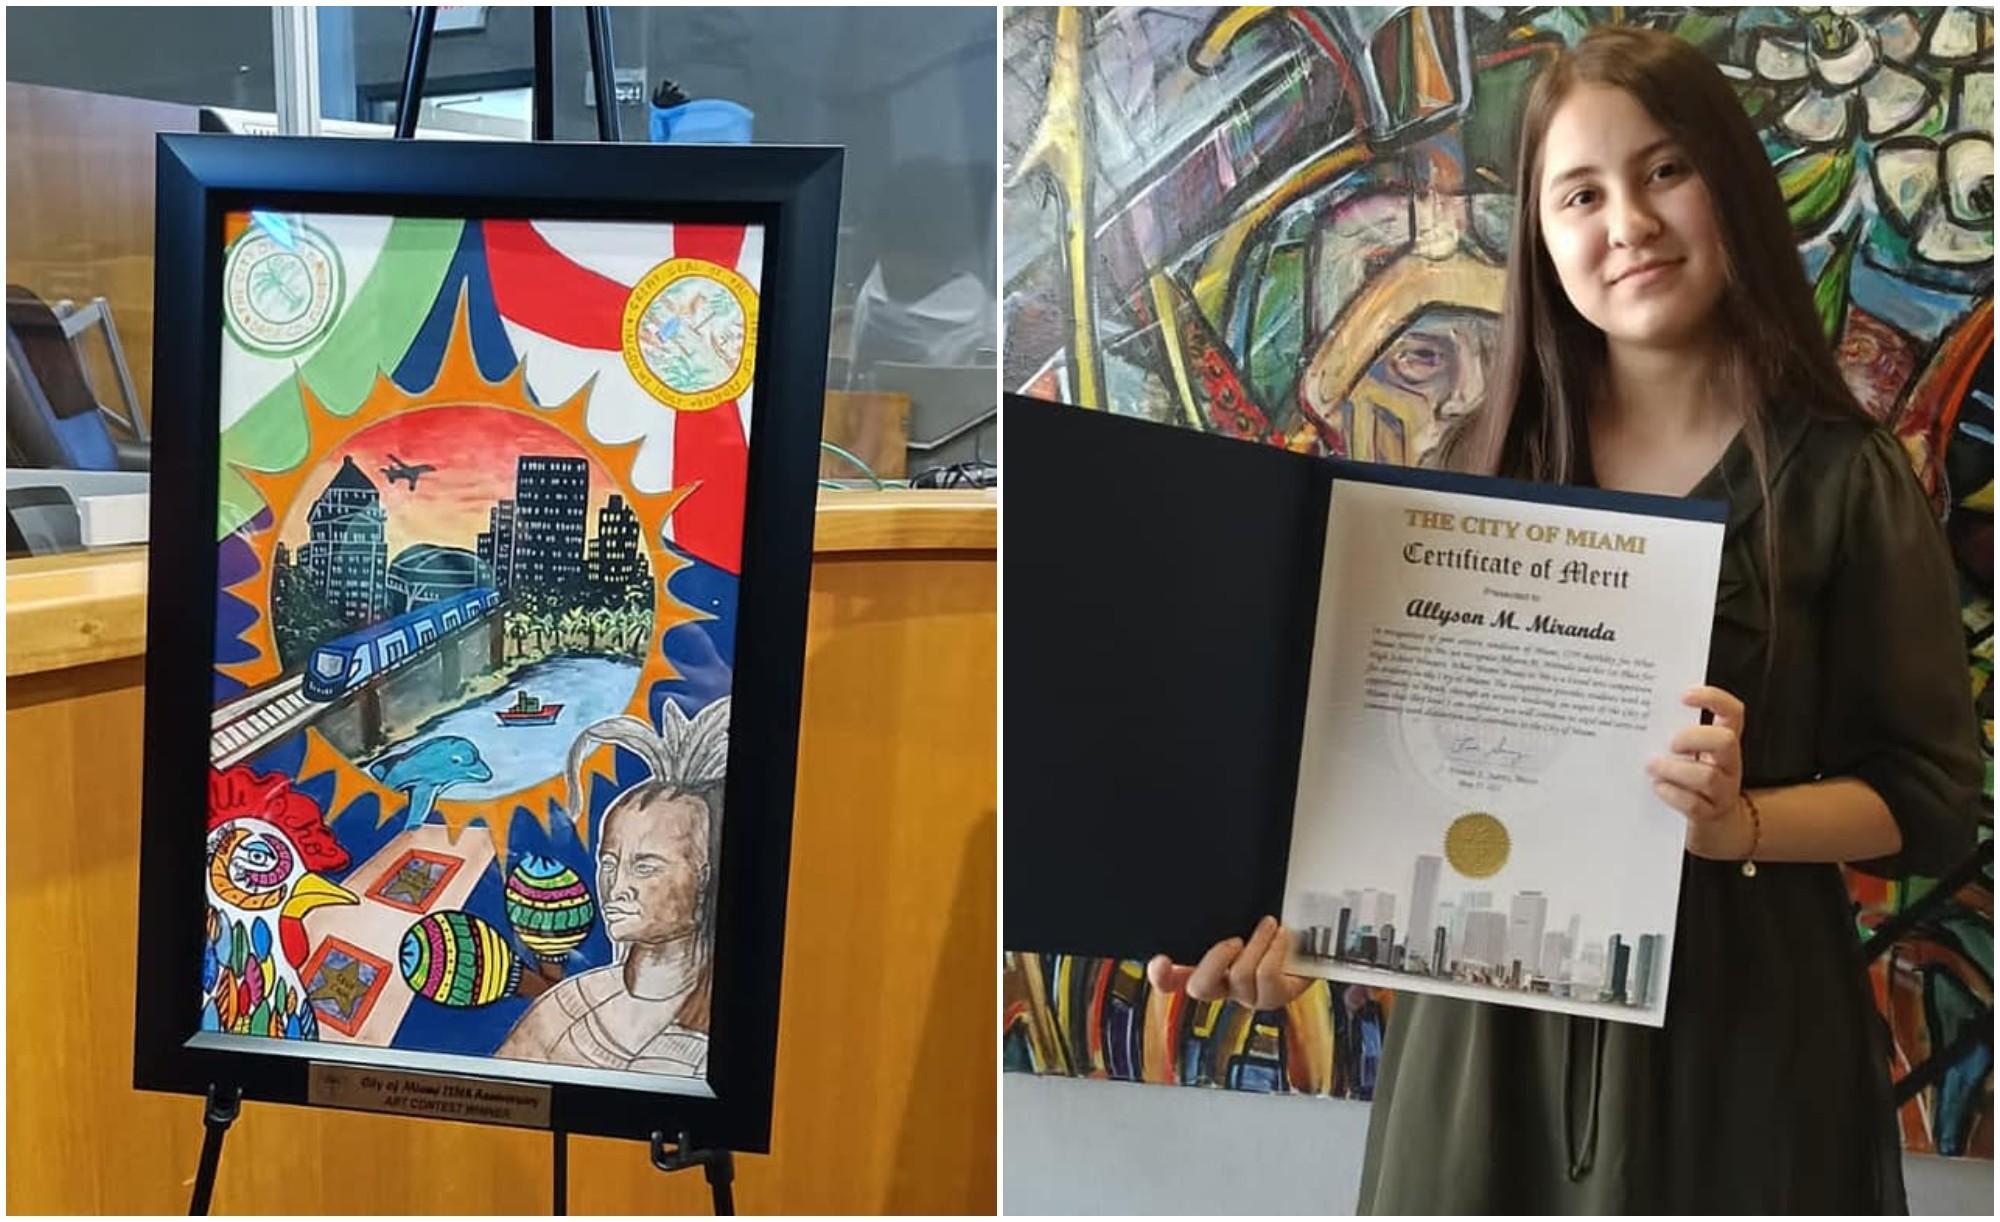 Hondureña Allyson Miranda gana concurso de arte en Miami